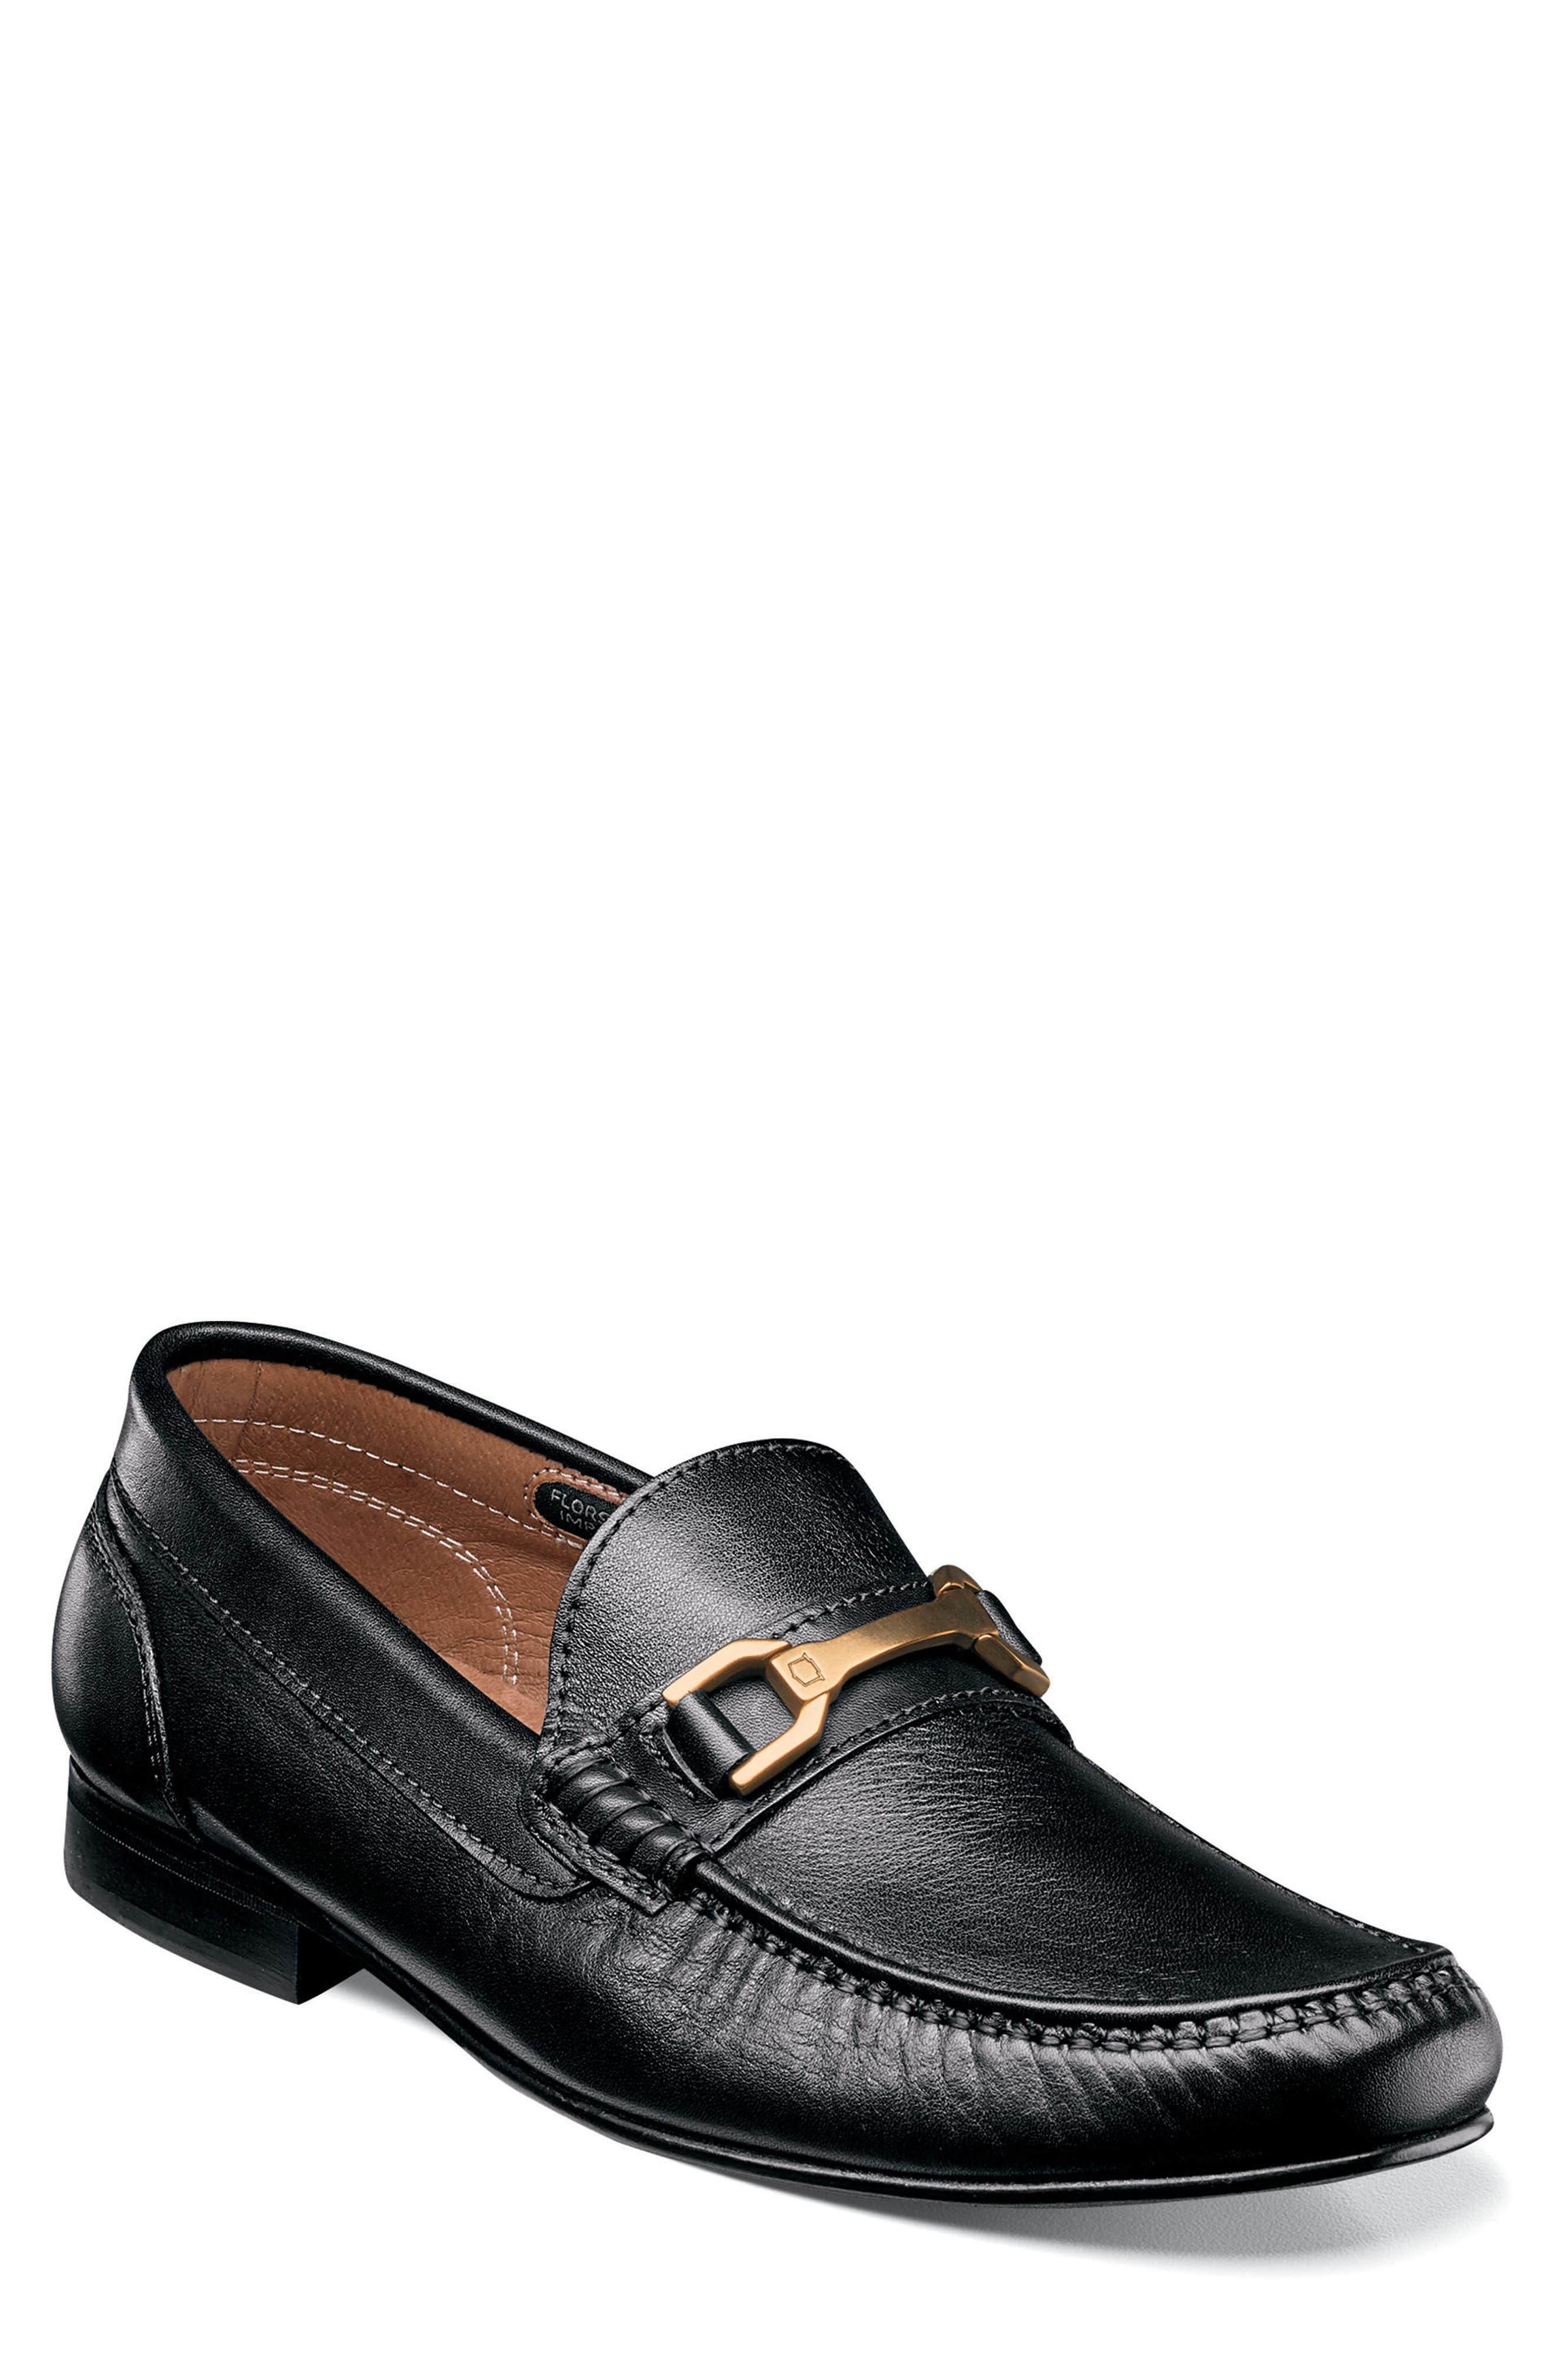 Boca Bit Loafer,                         Main,                         color, 001